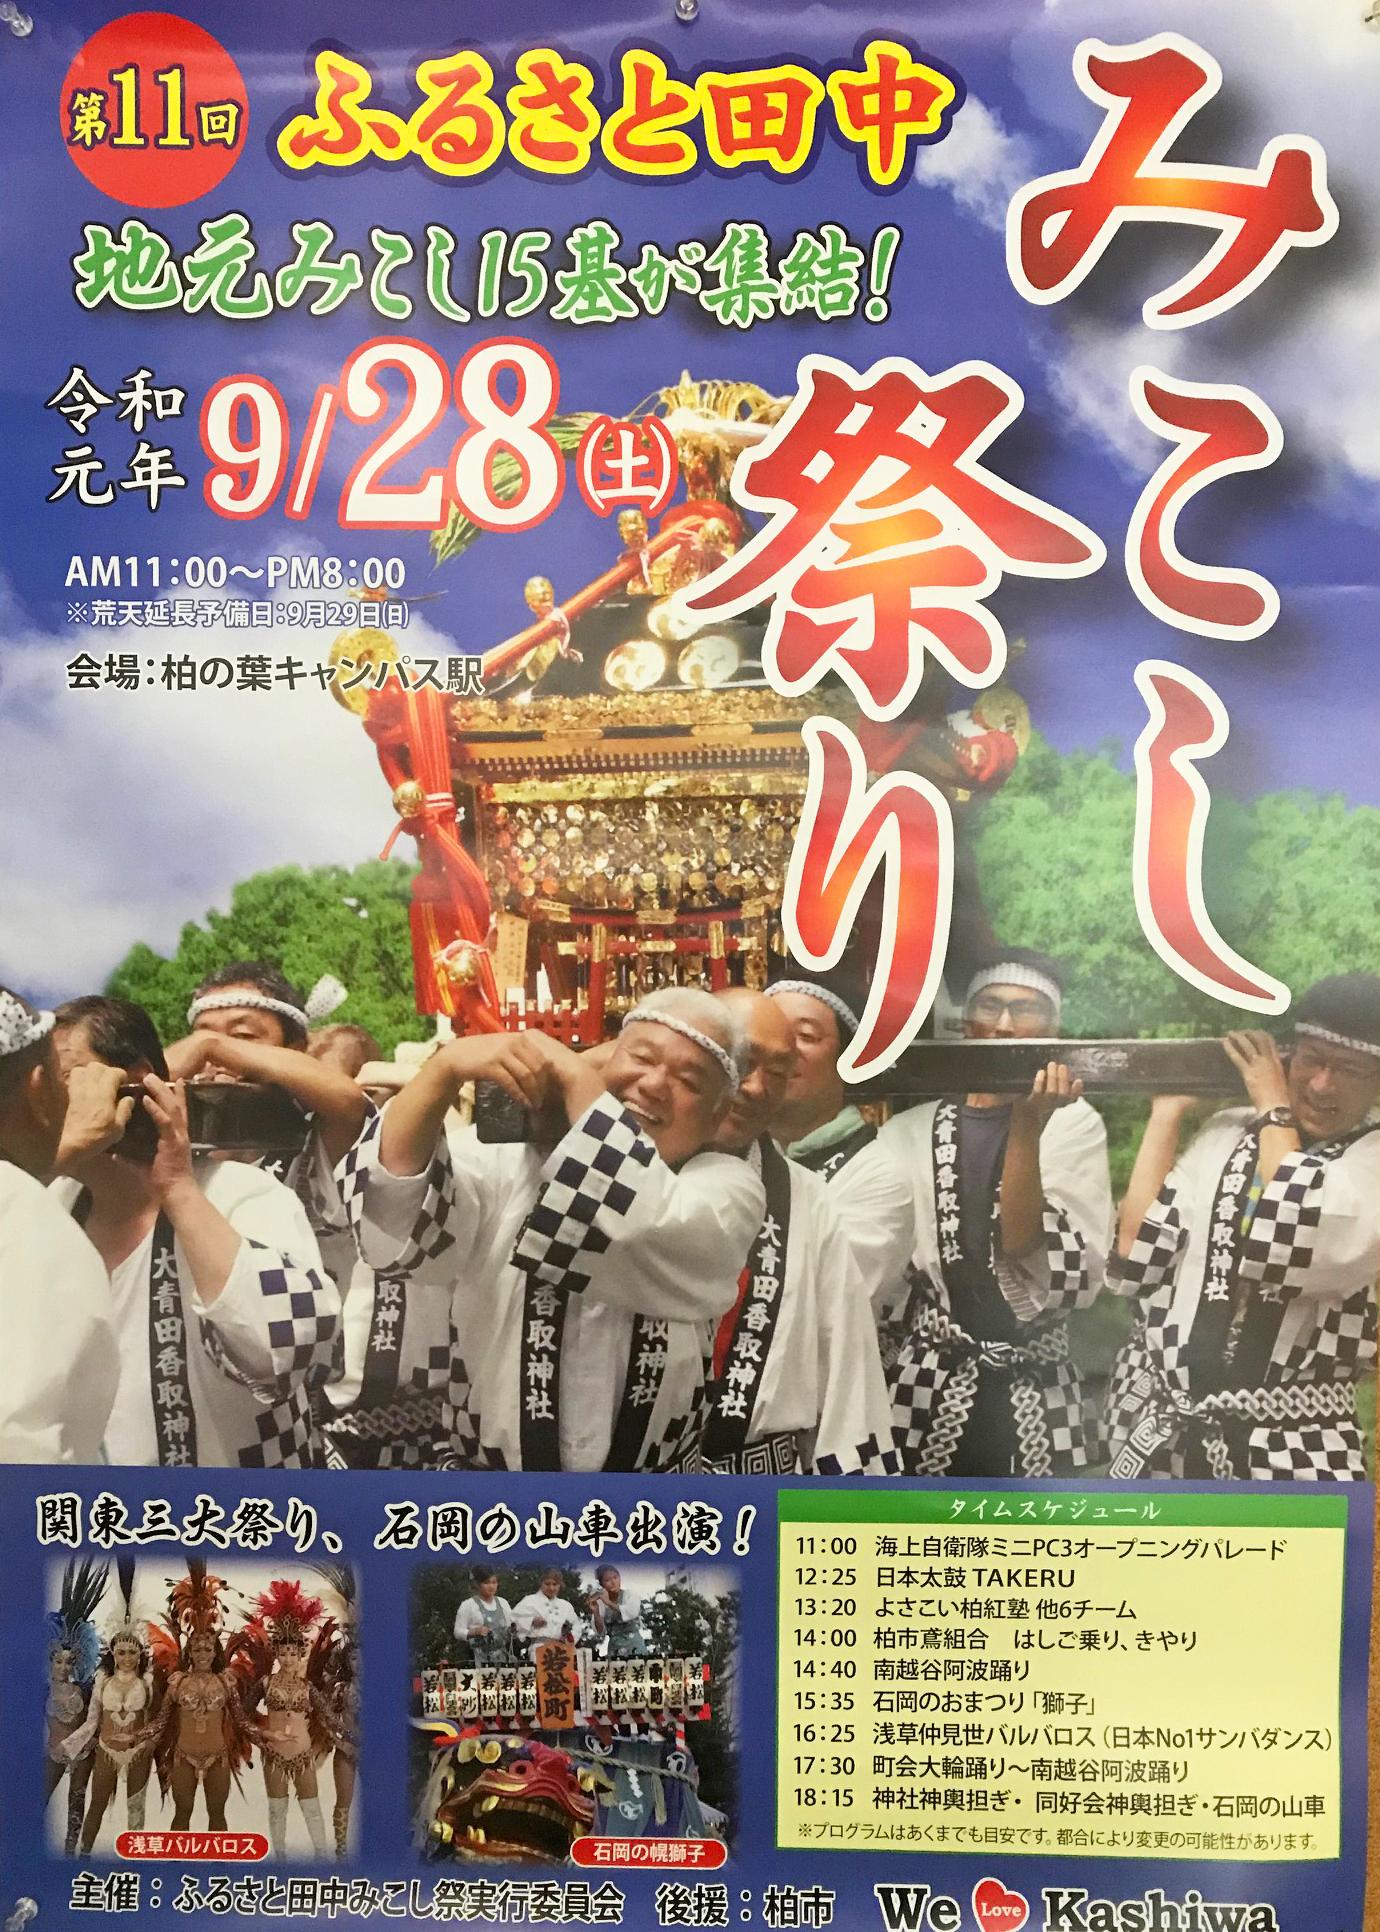 9月28日は「ふるさと田中みこし祭り」開催です!